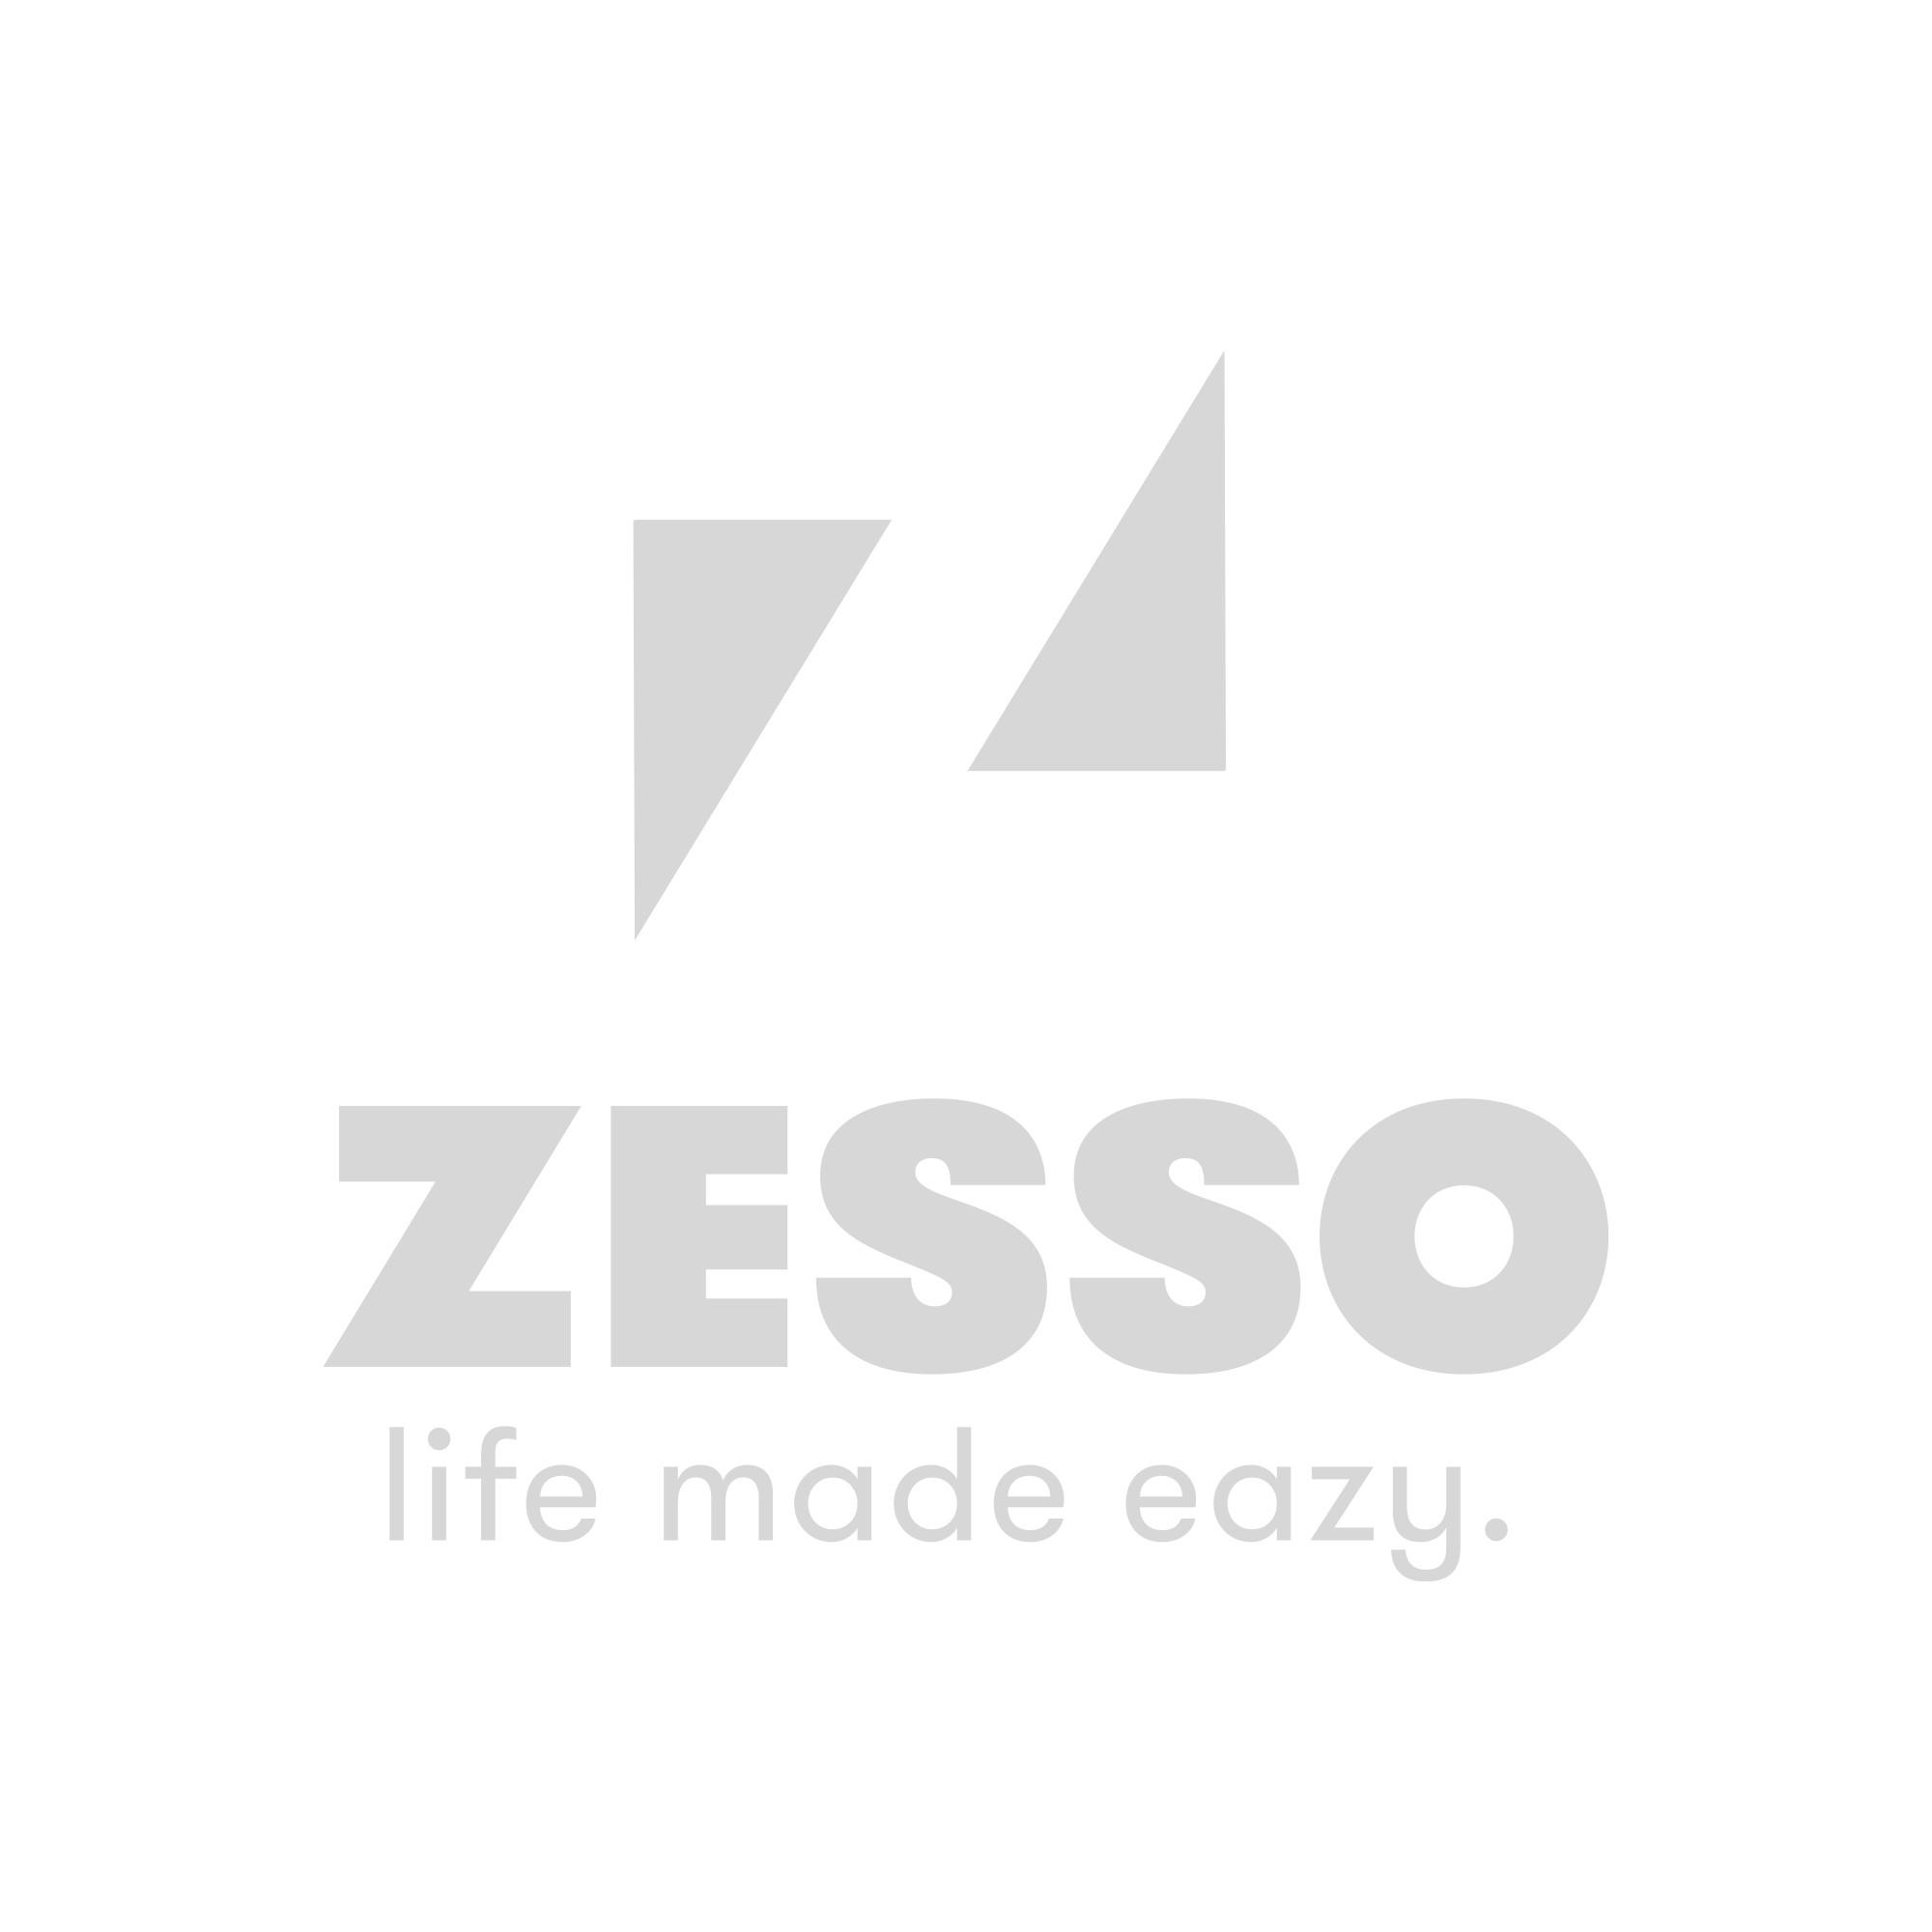 Bumprider Autostoel Adapter Voor Bumprider Connect